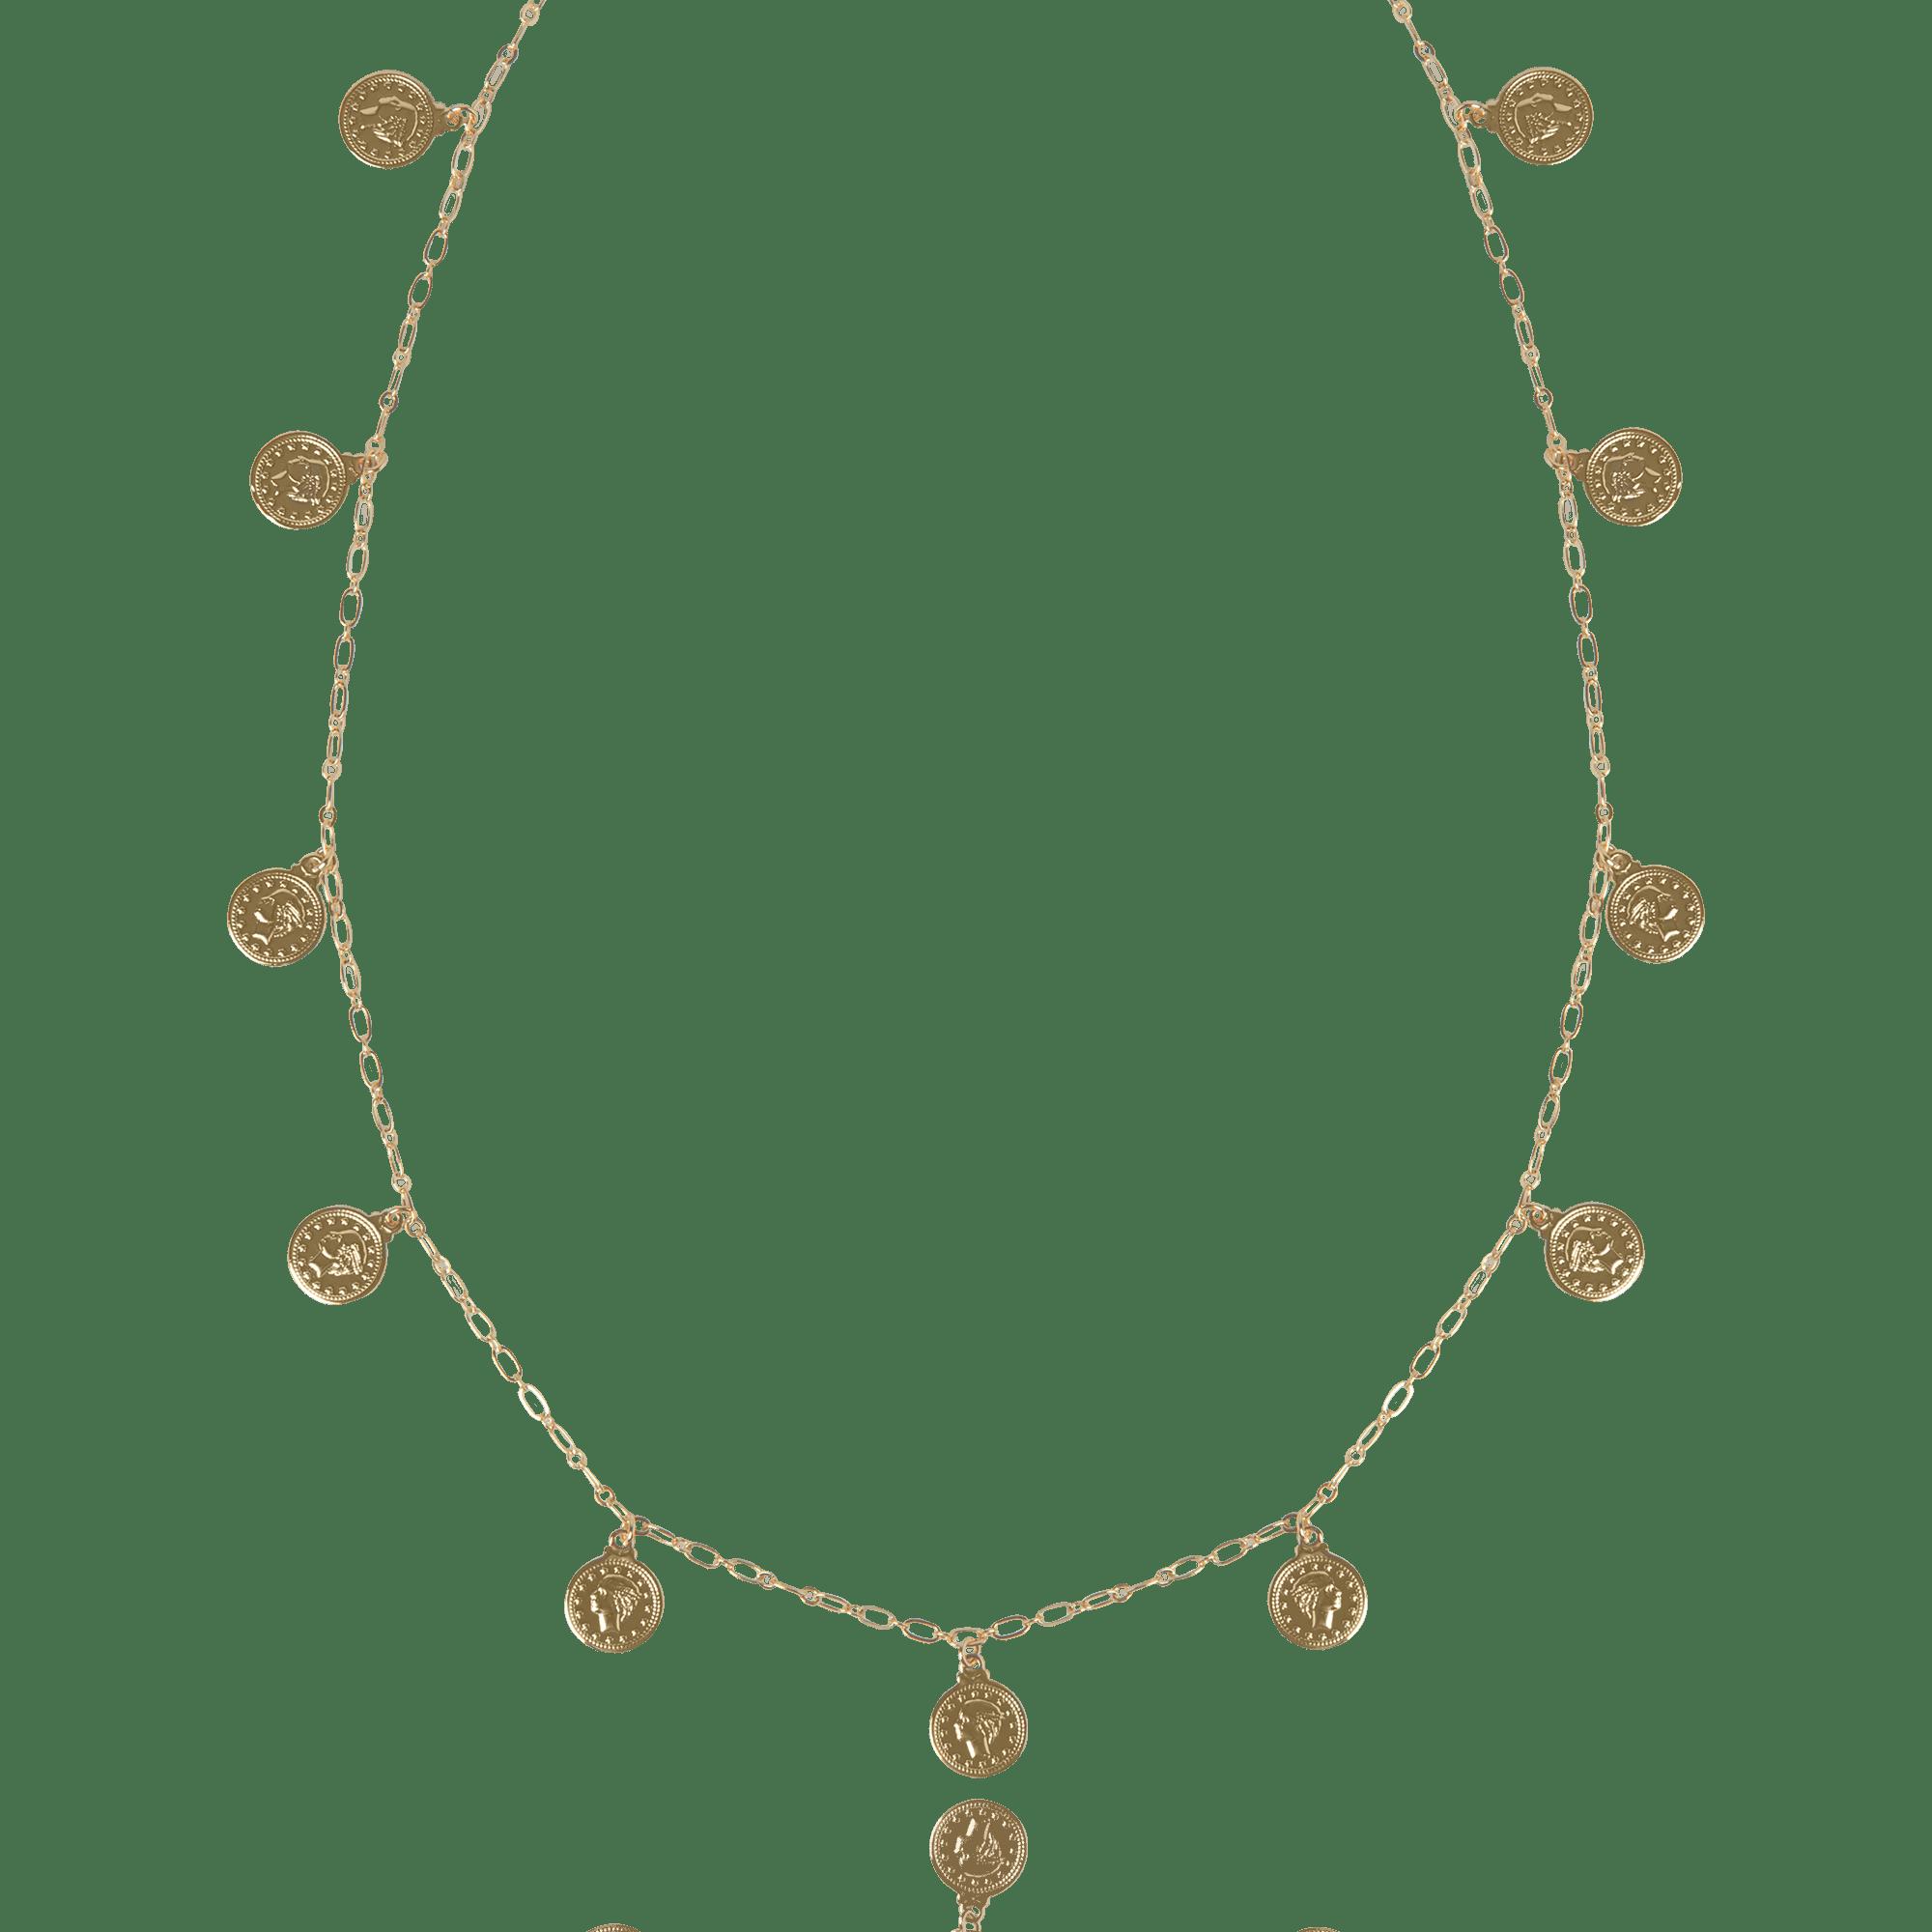 Colar Inspiração Versace Medalhas Pequenas